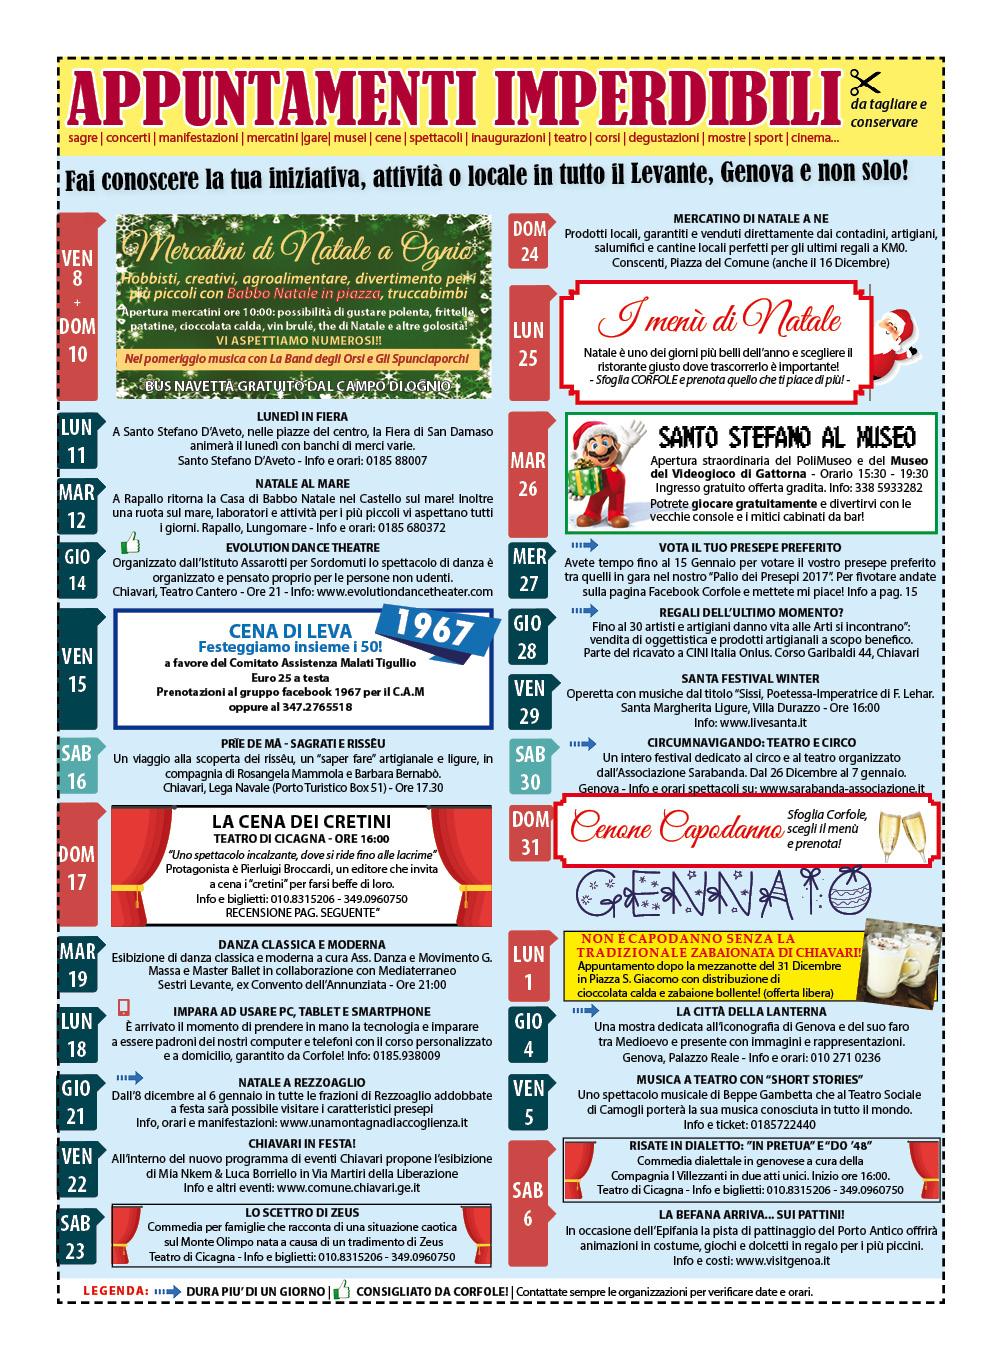 CALENDARIO EVENTI DICEMBRE-GENNAIO: sagre, mercatini, concerti, spettacoli, teatro, mostre, corsi, ristoranti e molto altro